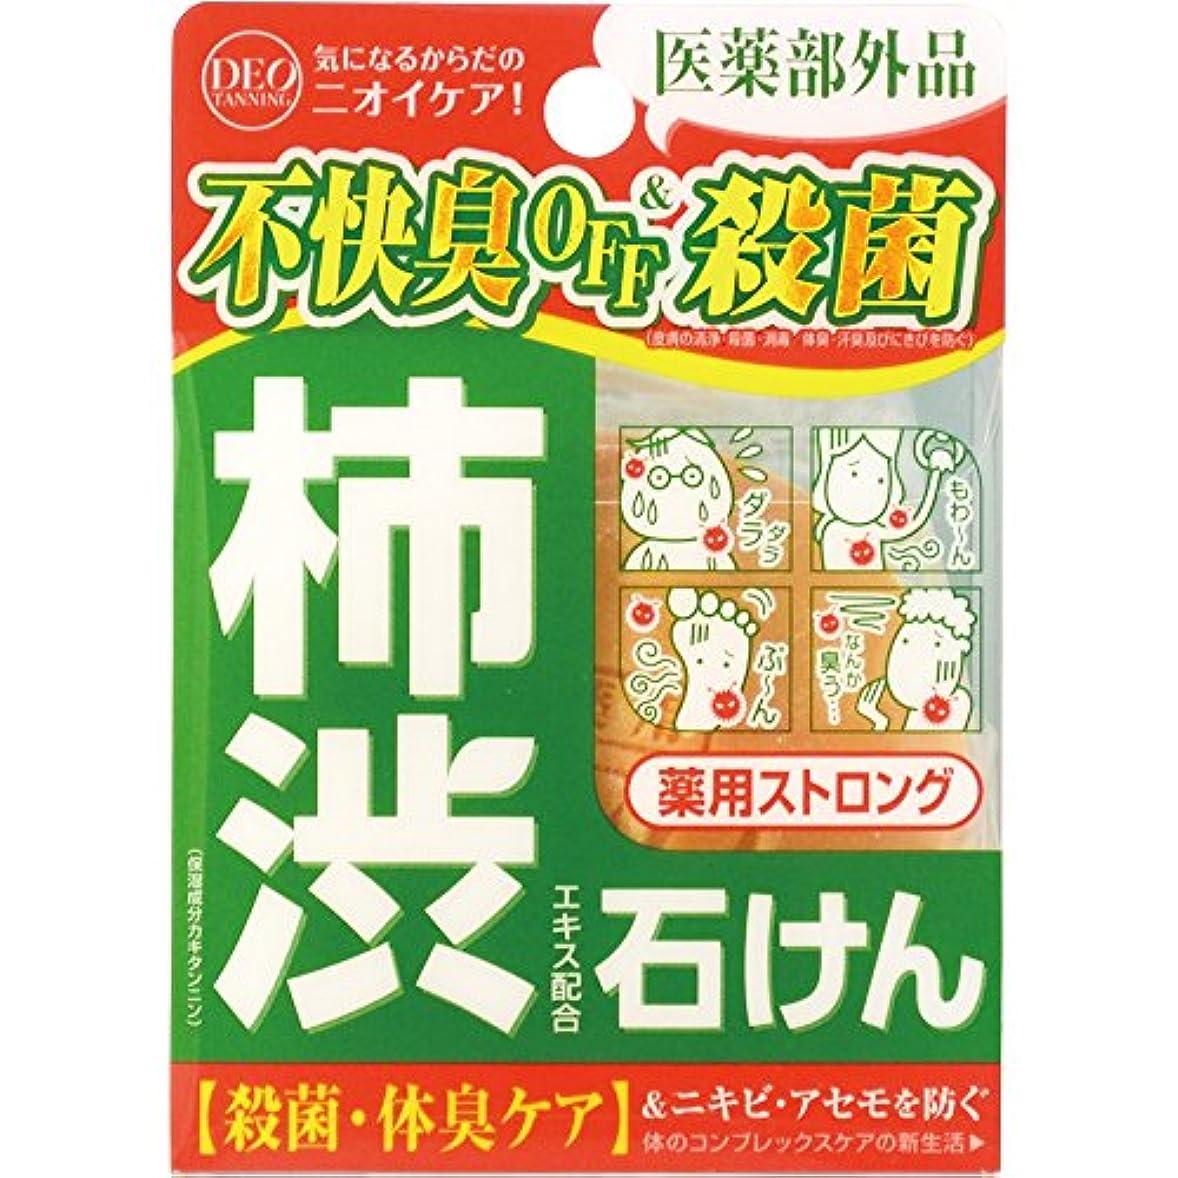 望まない汚いがんばり続けるデオタンニング 薬用ストロング ソープ 100g (医薬部外品)